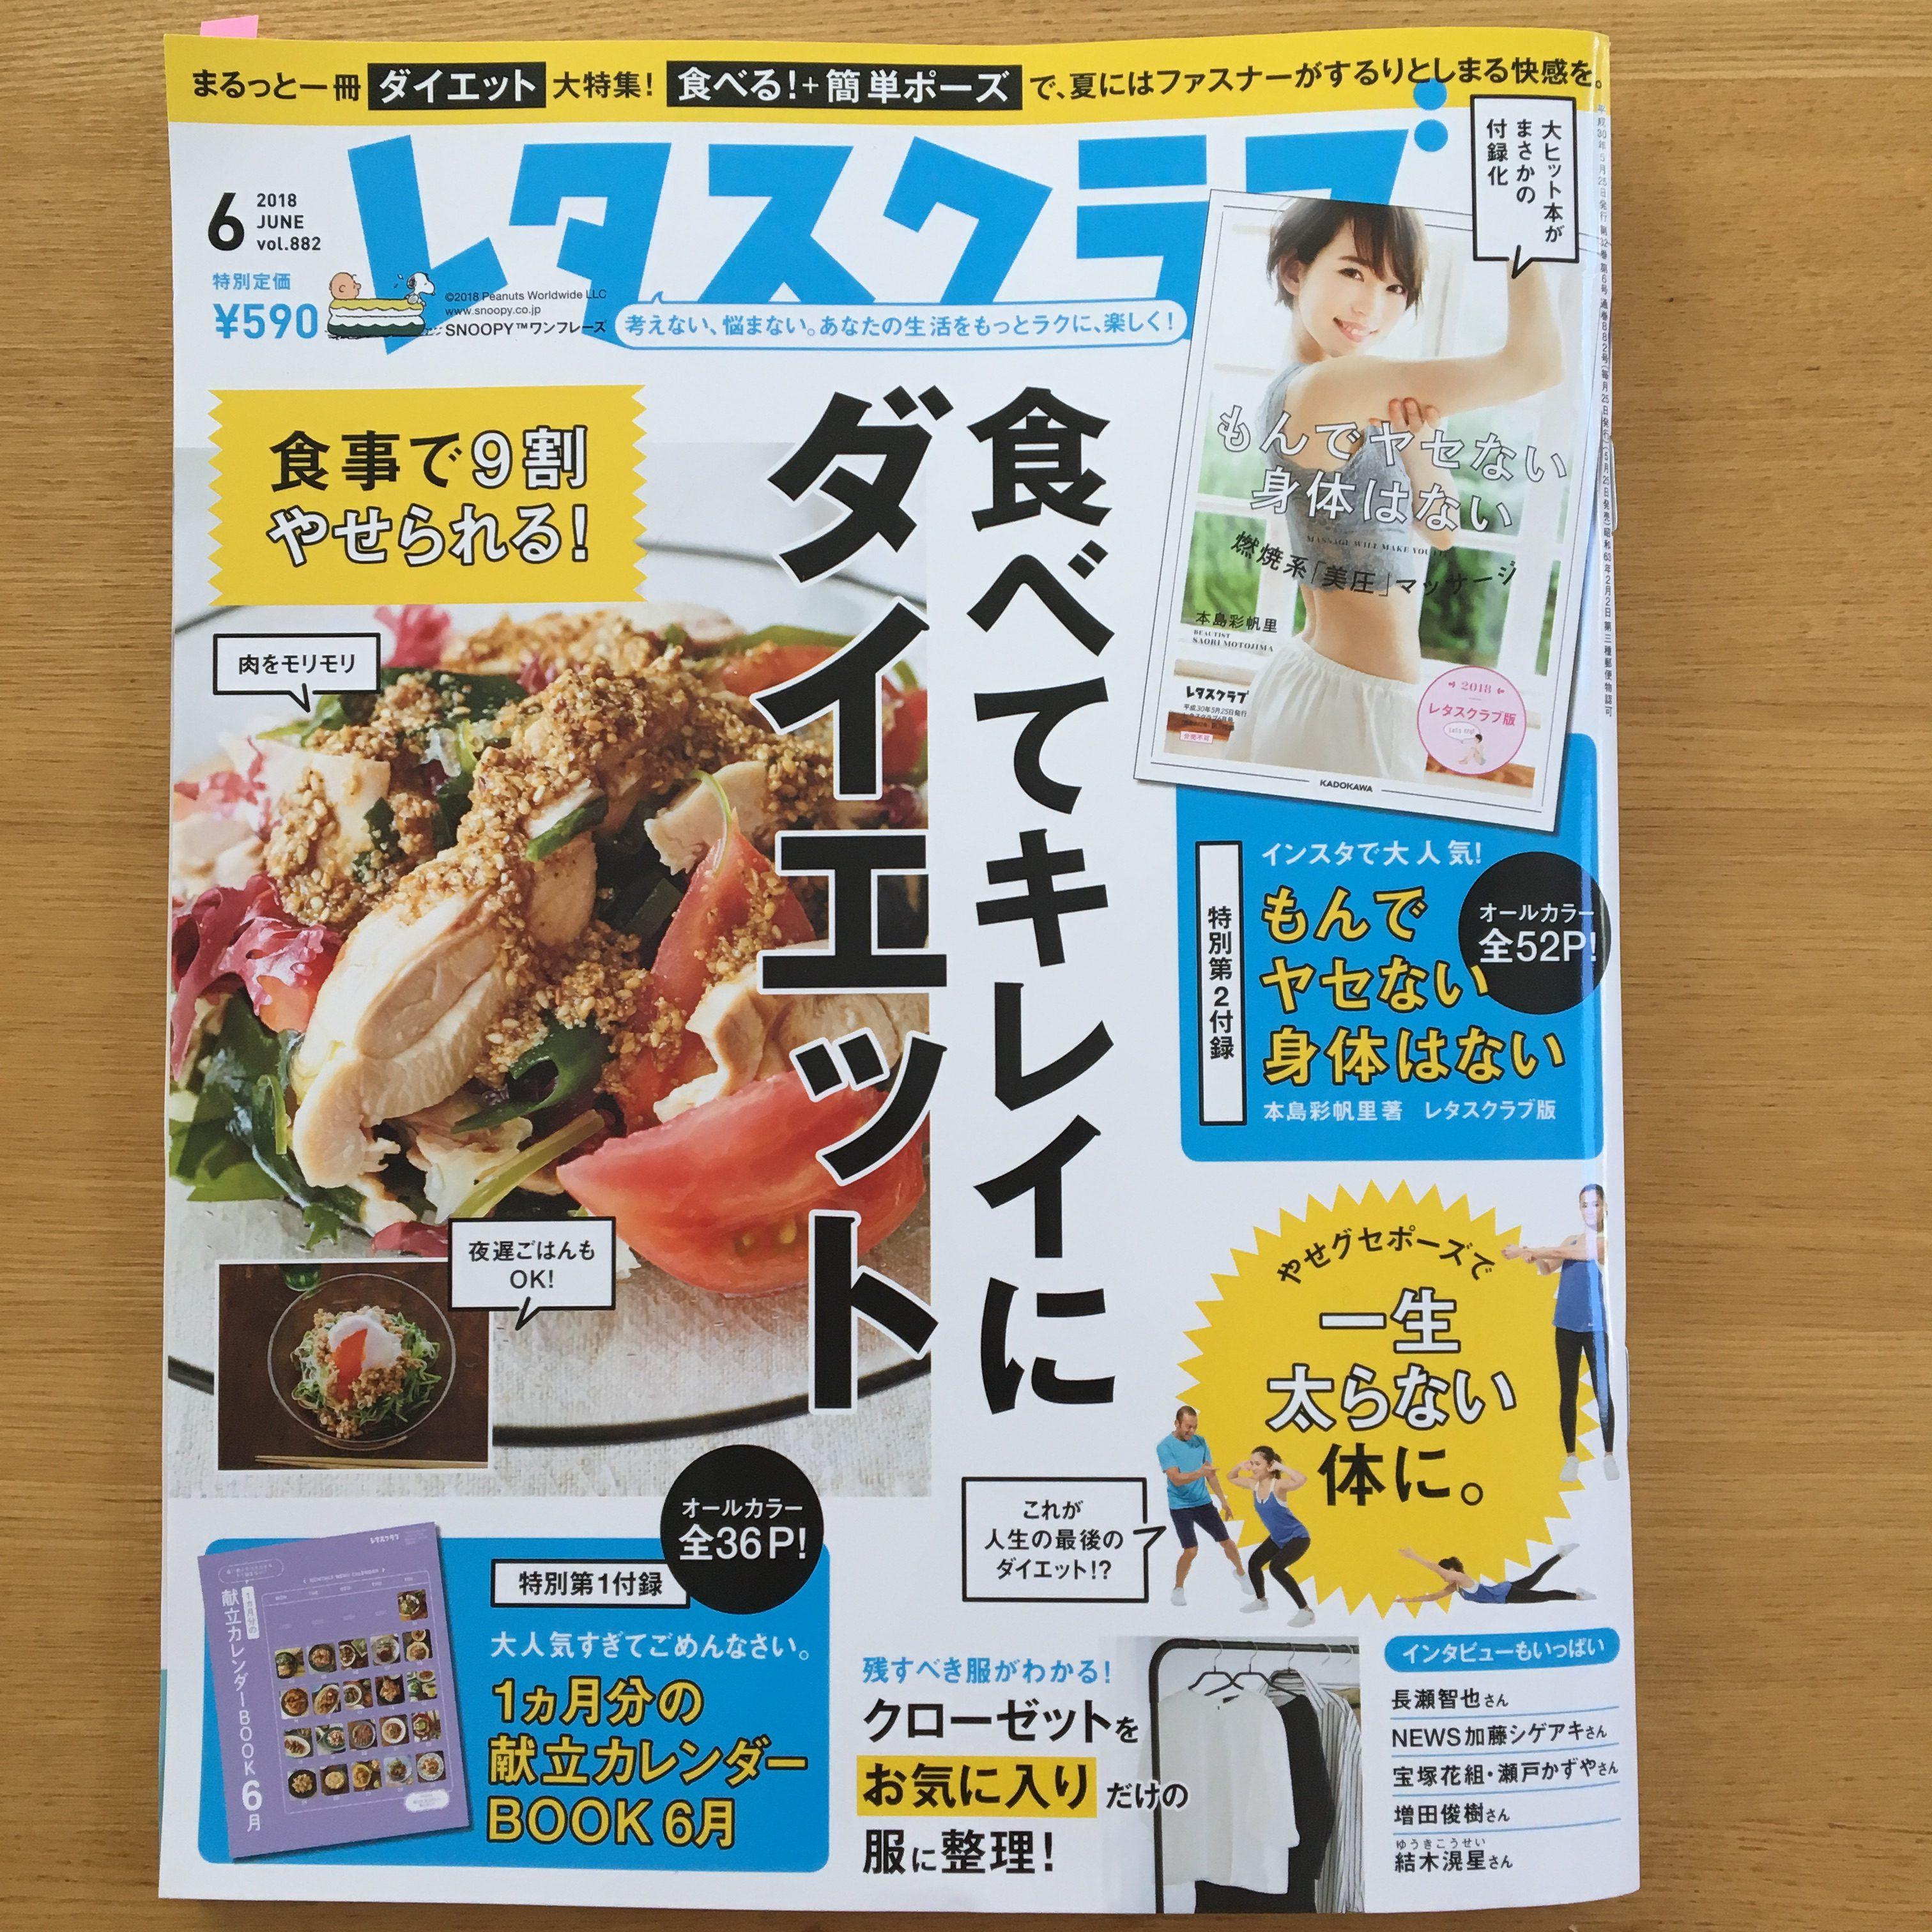 【レシピ掲載】レタスクラブ6月号「腸活レシピ」